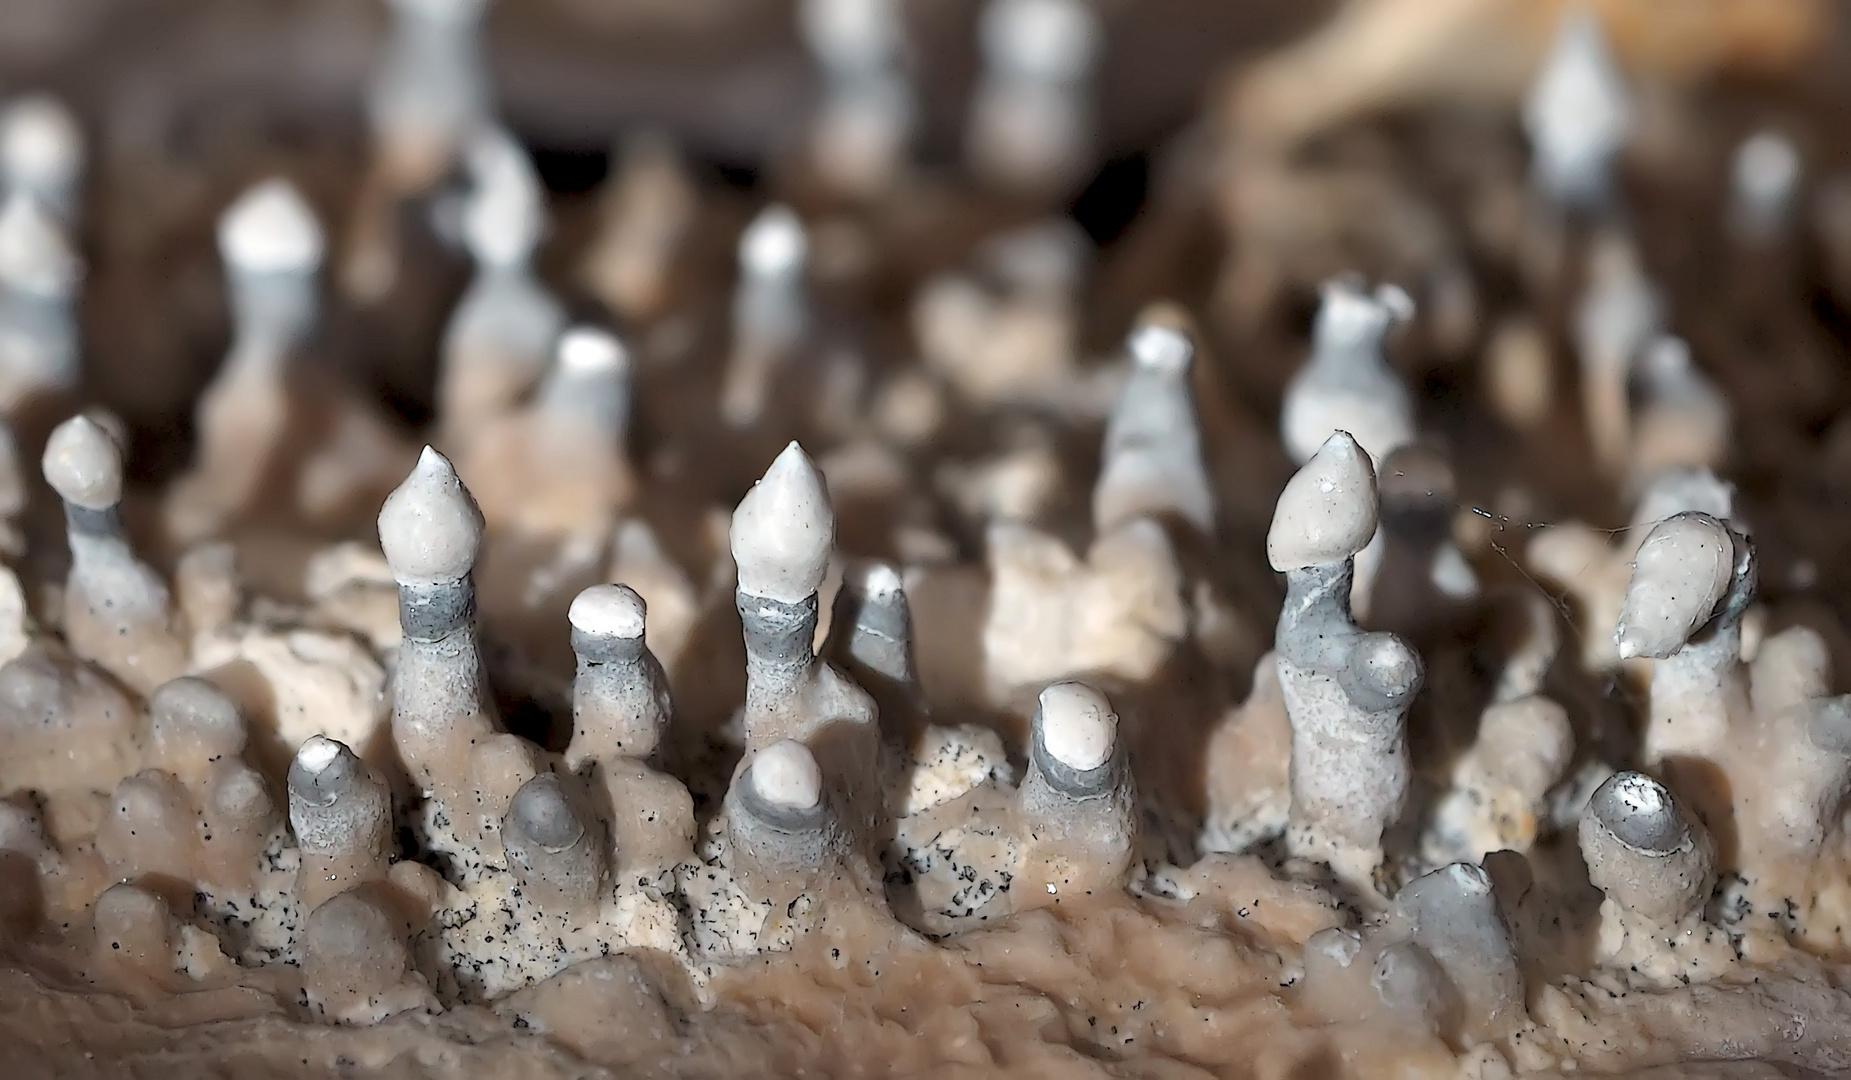 Kalkhaltige Mini-Ablagerungen auf Felswand. (1. Foto) - Dépôts calcaires sur une paroi rocheuse